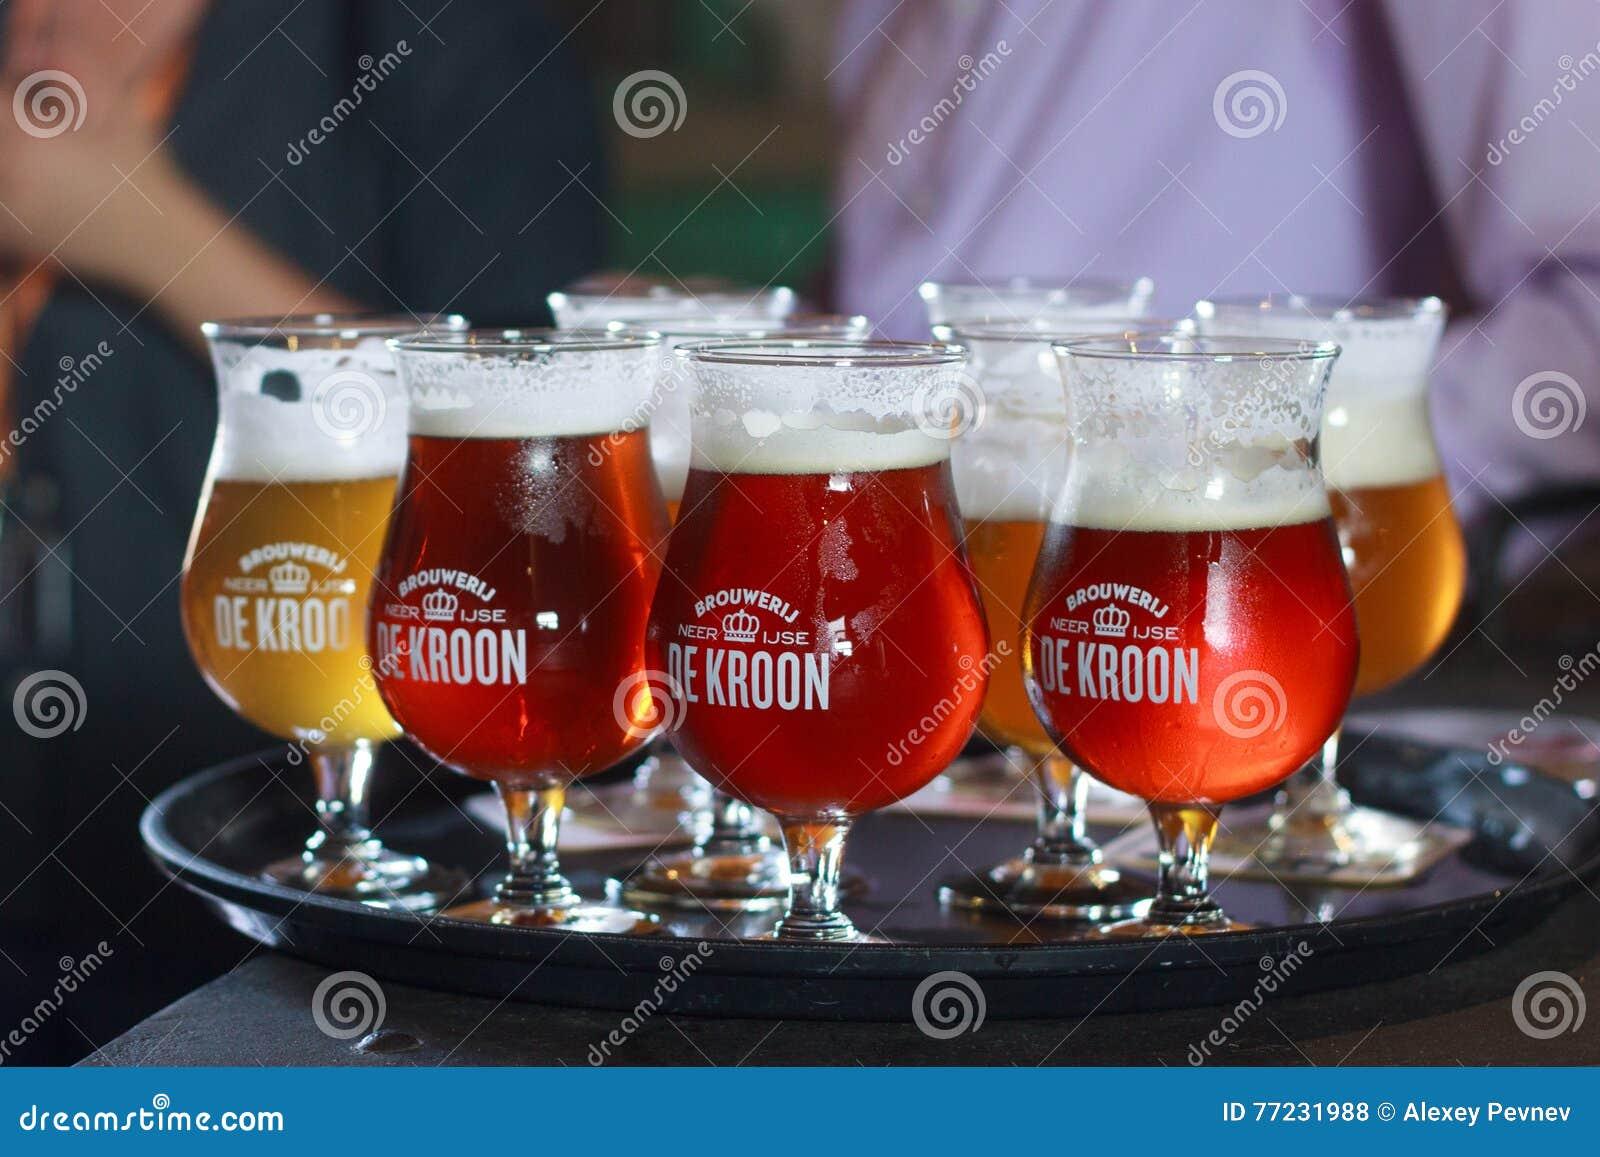 BÉLGICA; NEERIJSE - 5 DE SETEMBRO; 2014: Provando cervejas diferentes